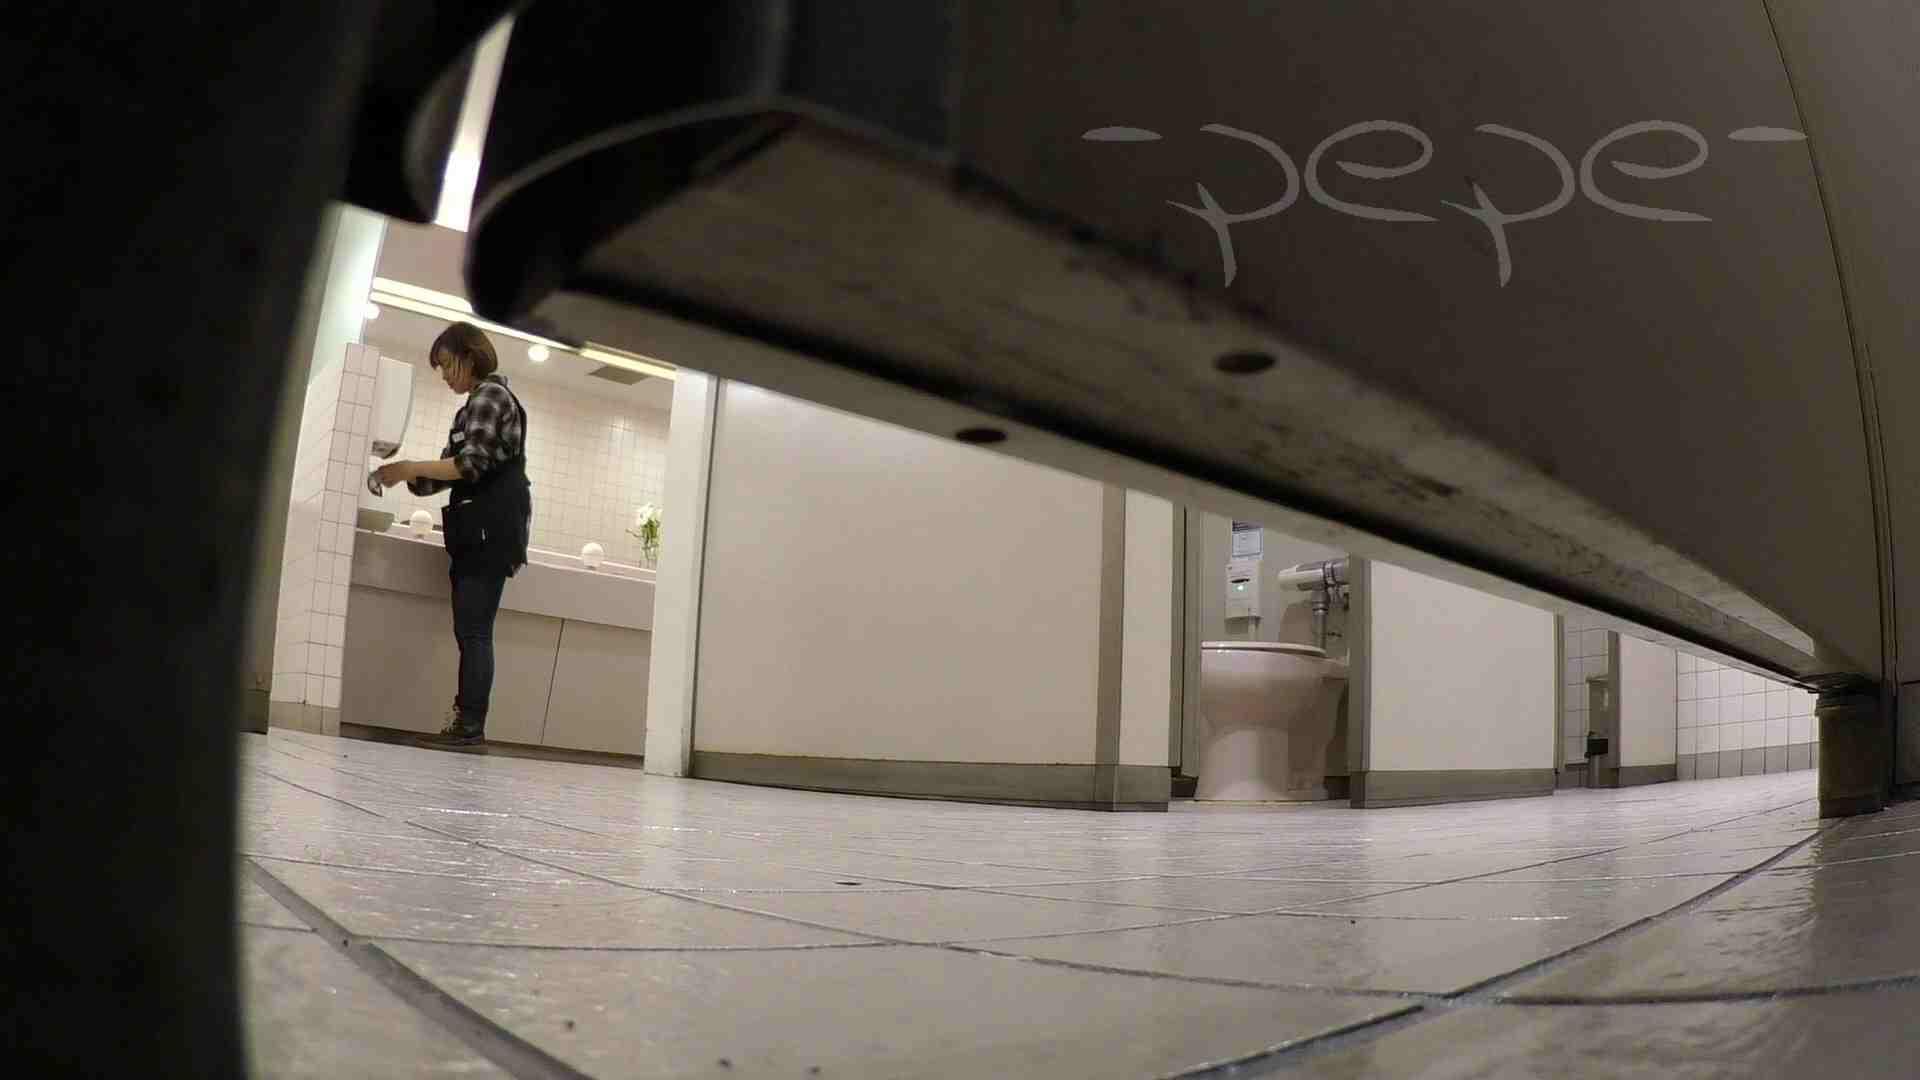 至高洗面所盗撮 30 至高店内撮り 見せますpepeの技!!2 高画質  74PIX 3